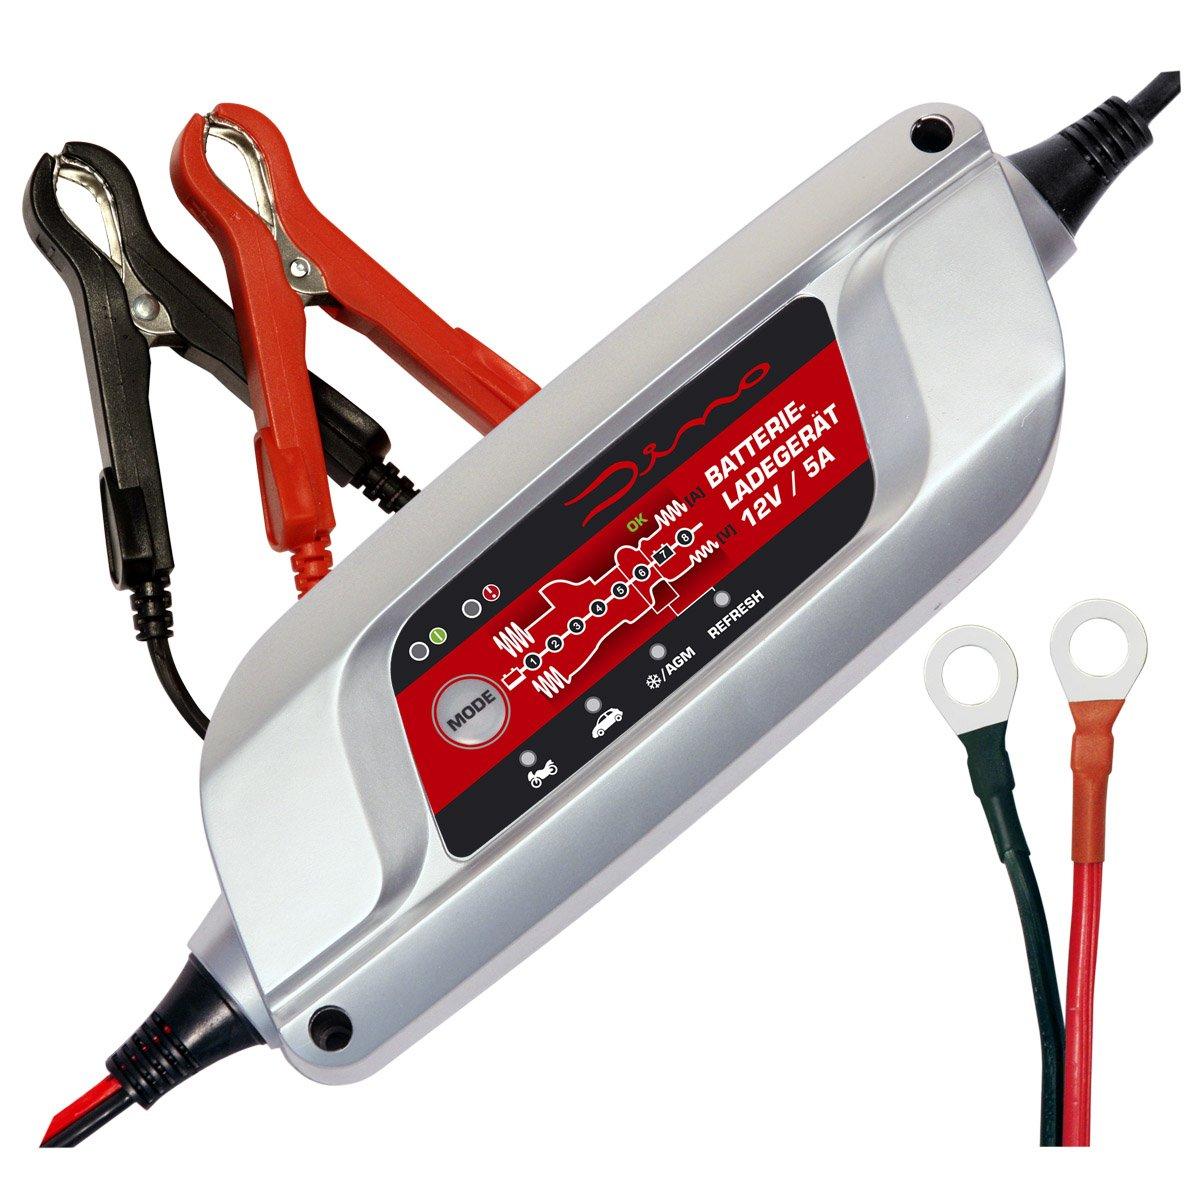 Dino Power Pack Cargador de baterí a 2V-5A para baterí a de automó viles, moto oldtimer starter, baterí a plomo-á cido AGM GEL , 8 etapas batería plomo-ácido AGM GEL r.d.i. Deutschland GmbH 136300